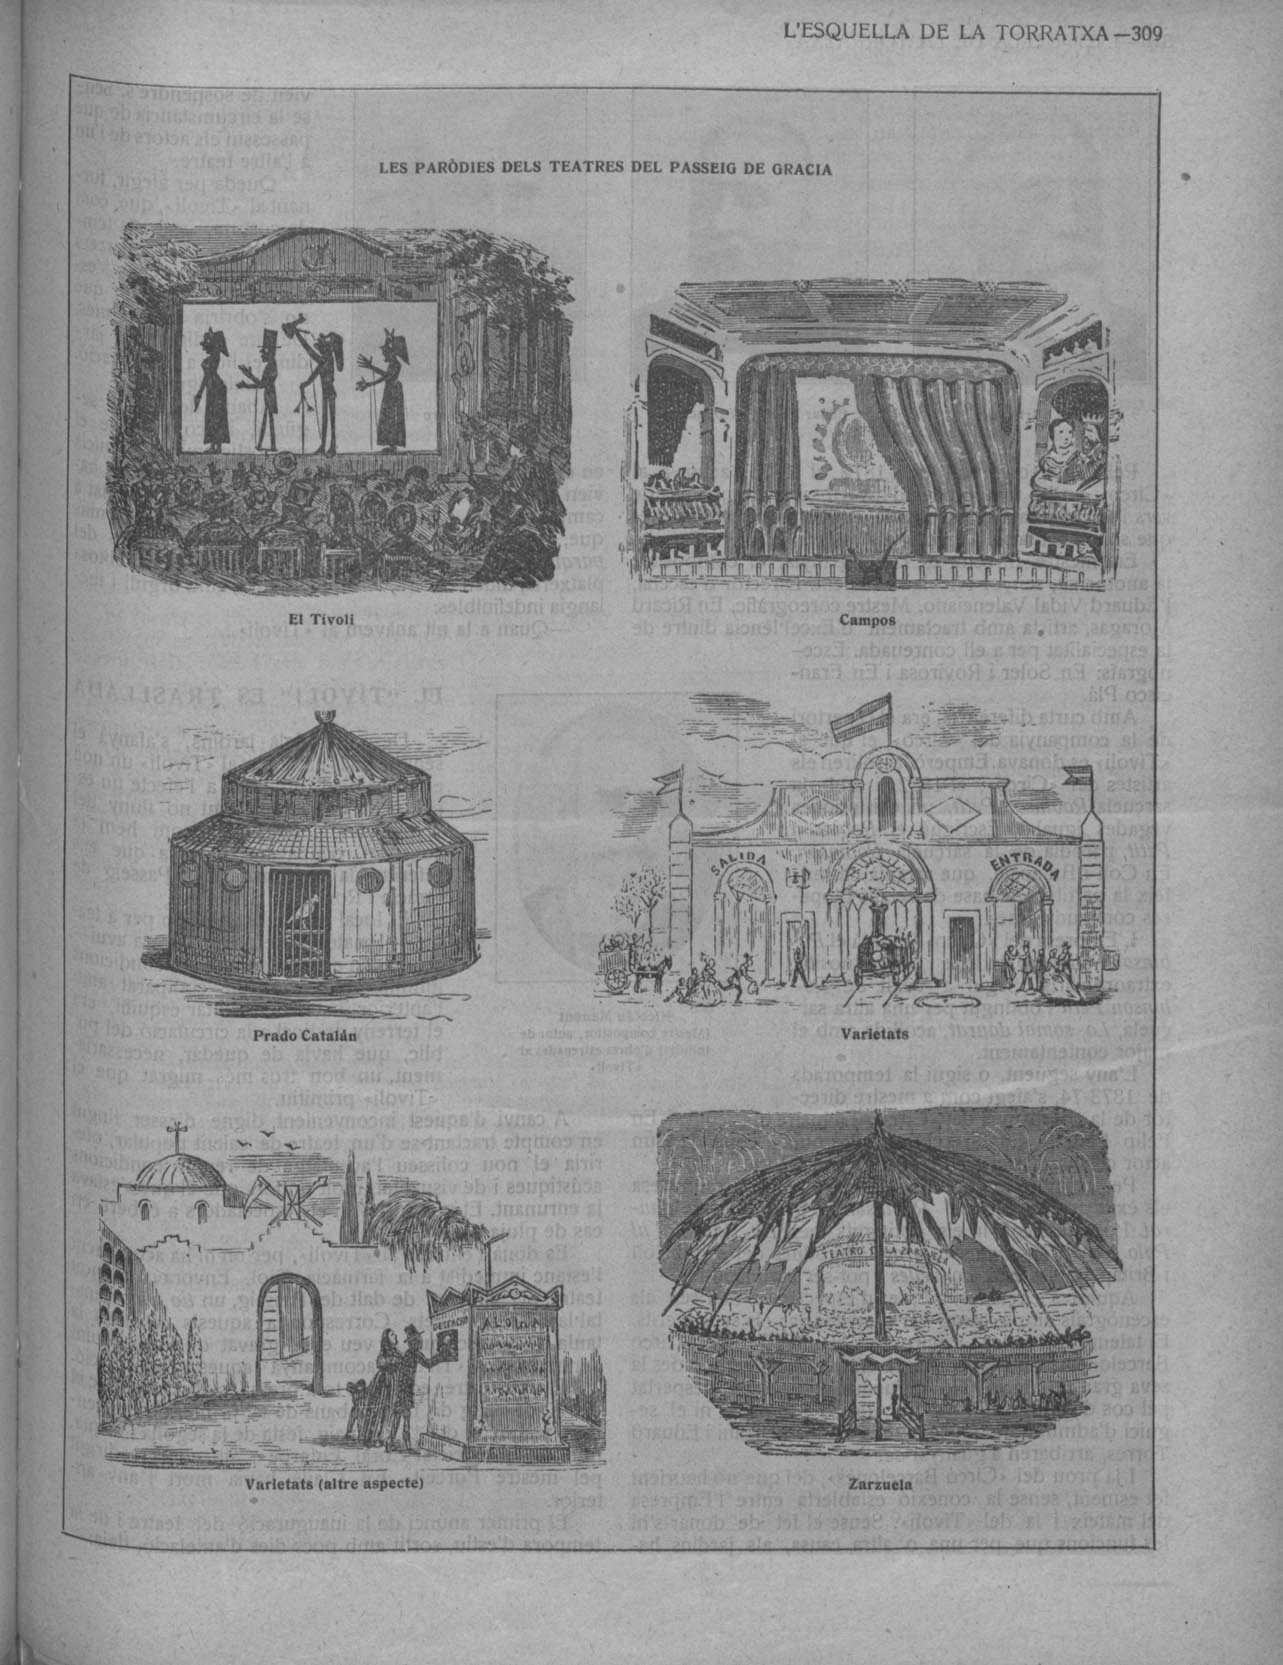 Esquella de la Torratxa, L'. Núm. 2106, 23 maig 1919, pàgina 309. Dibuixos de diversos teatres al passeig de Gràcia.